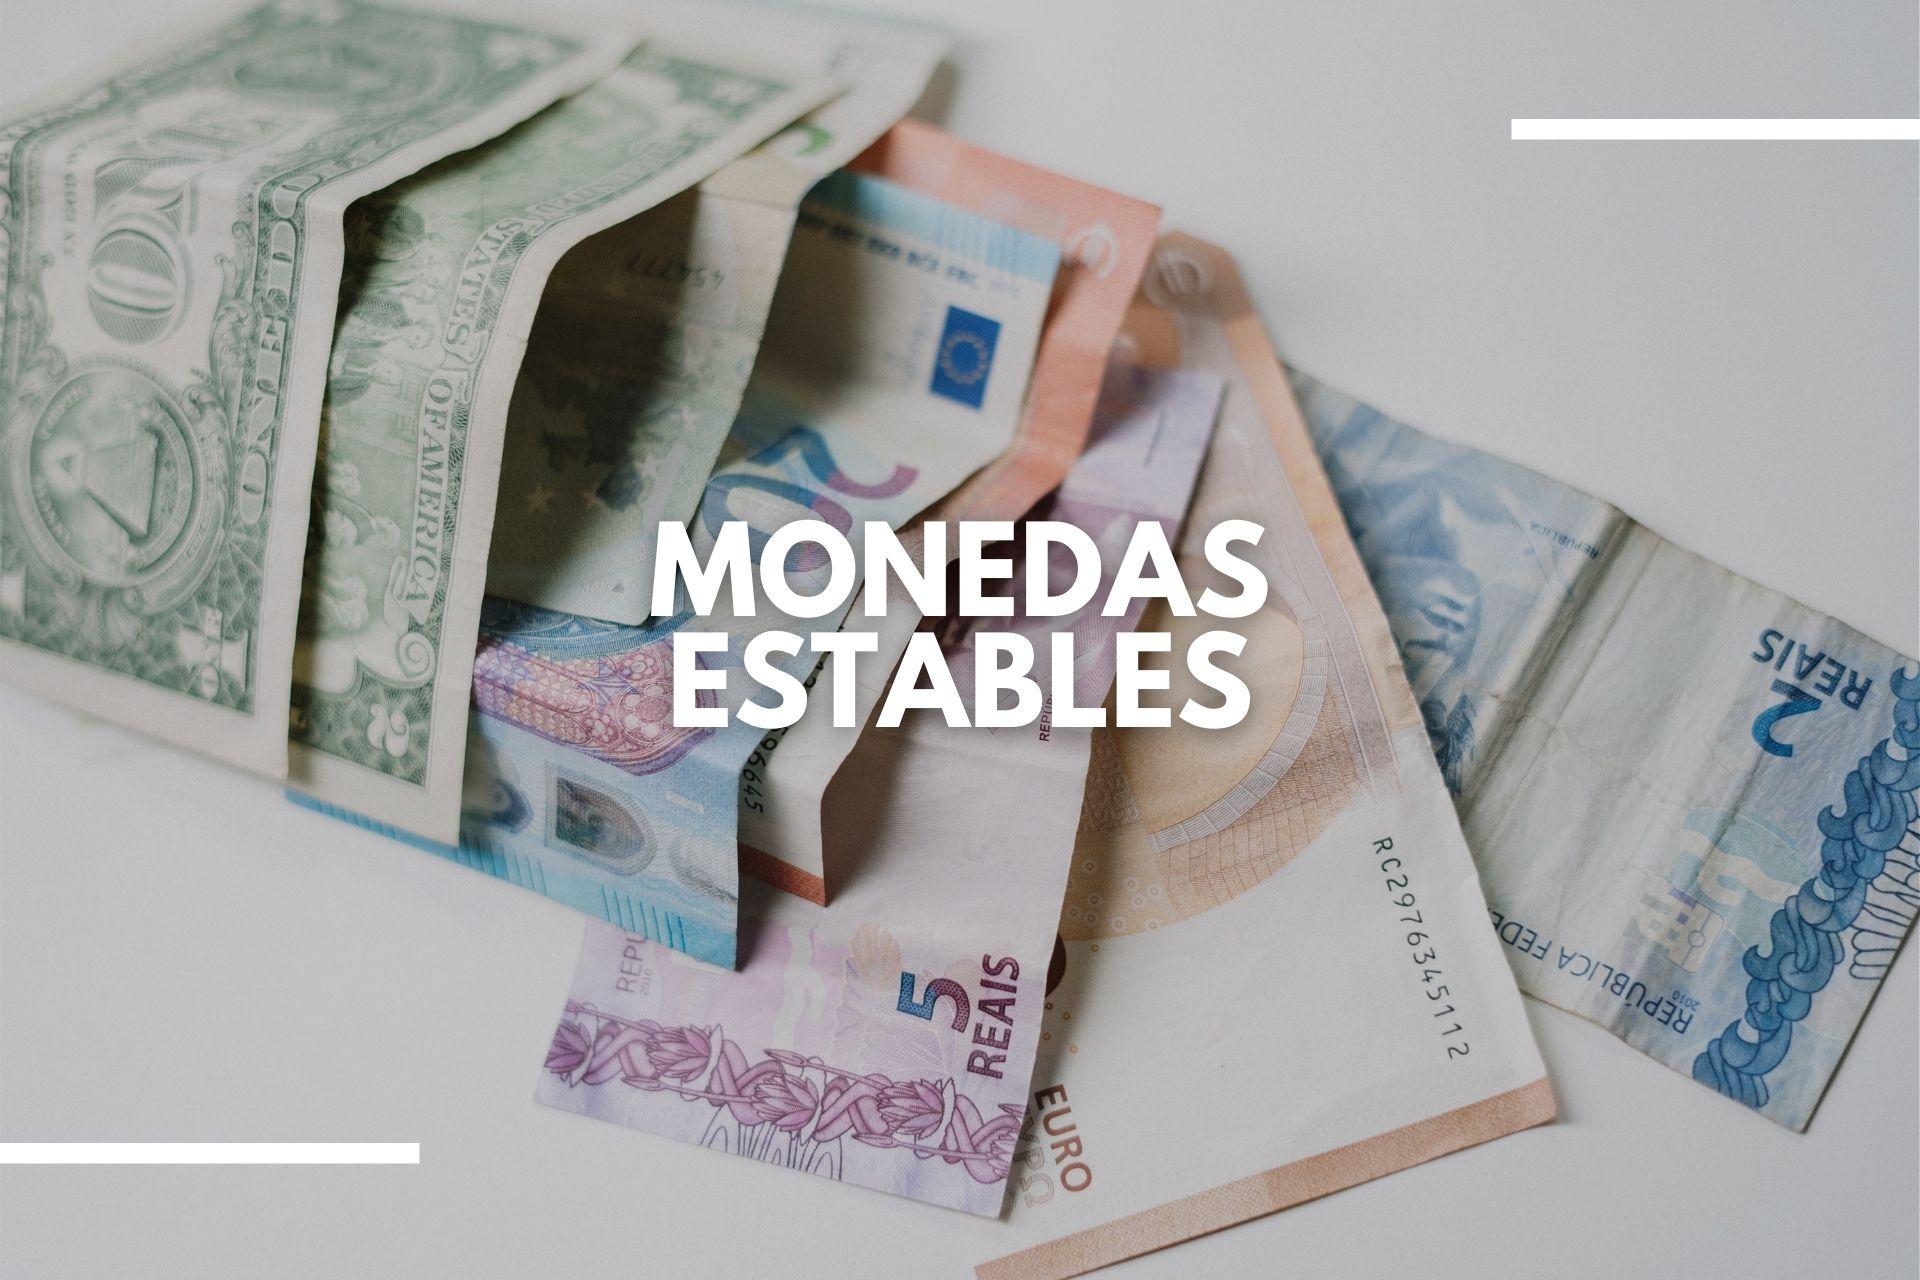 Banco de Pagos Internacionales advierte que las monedas estables cambian por completo las reglas para el sistema financiero